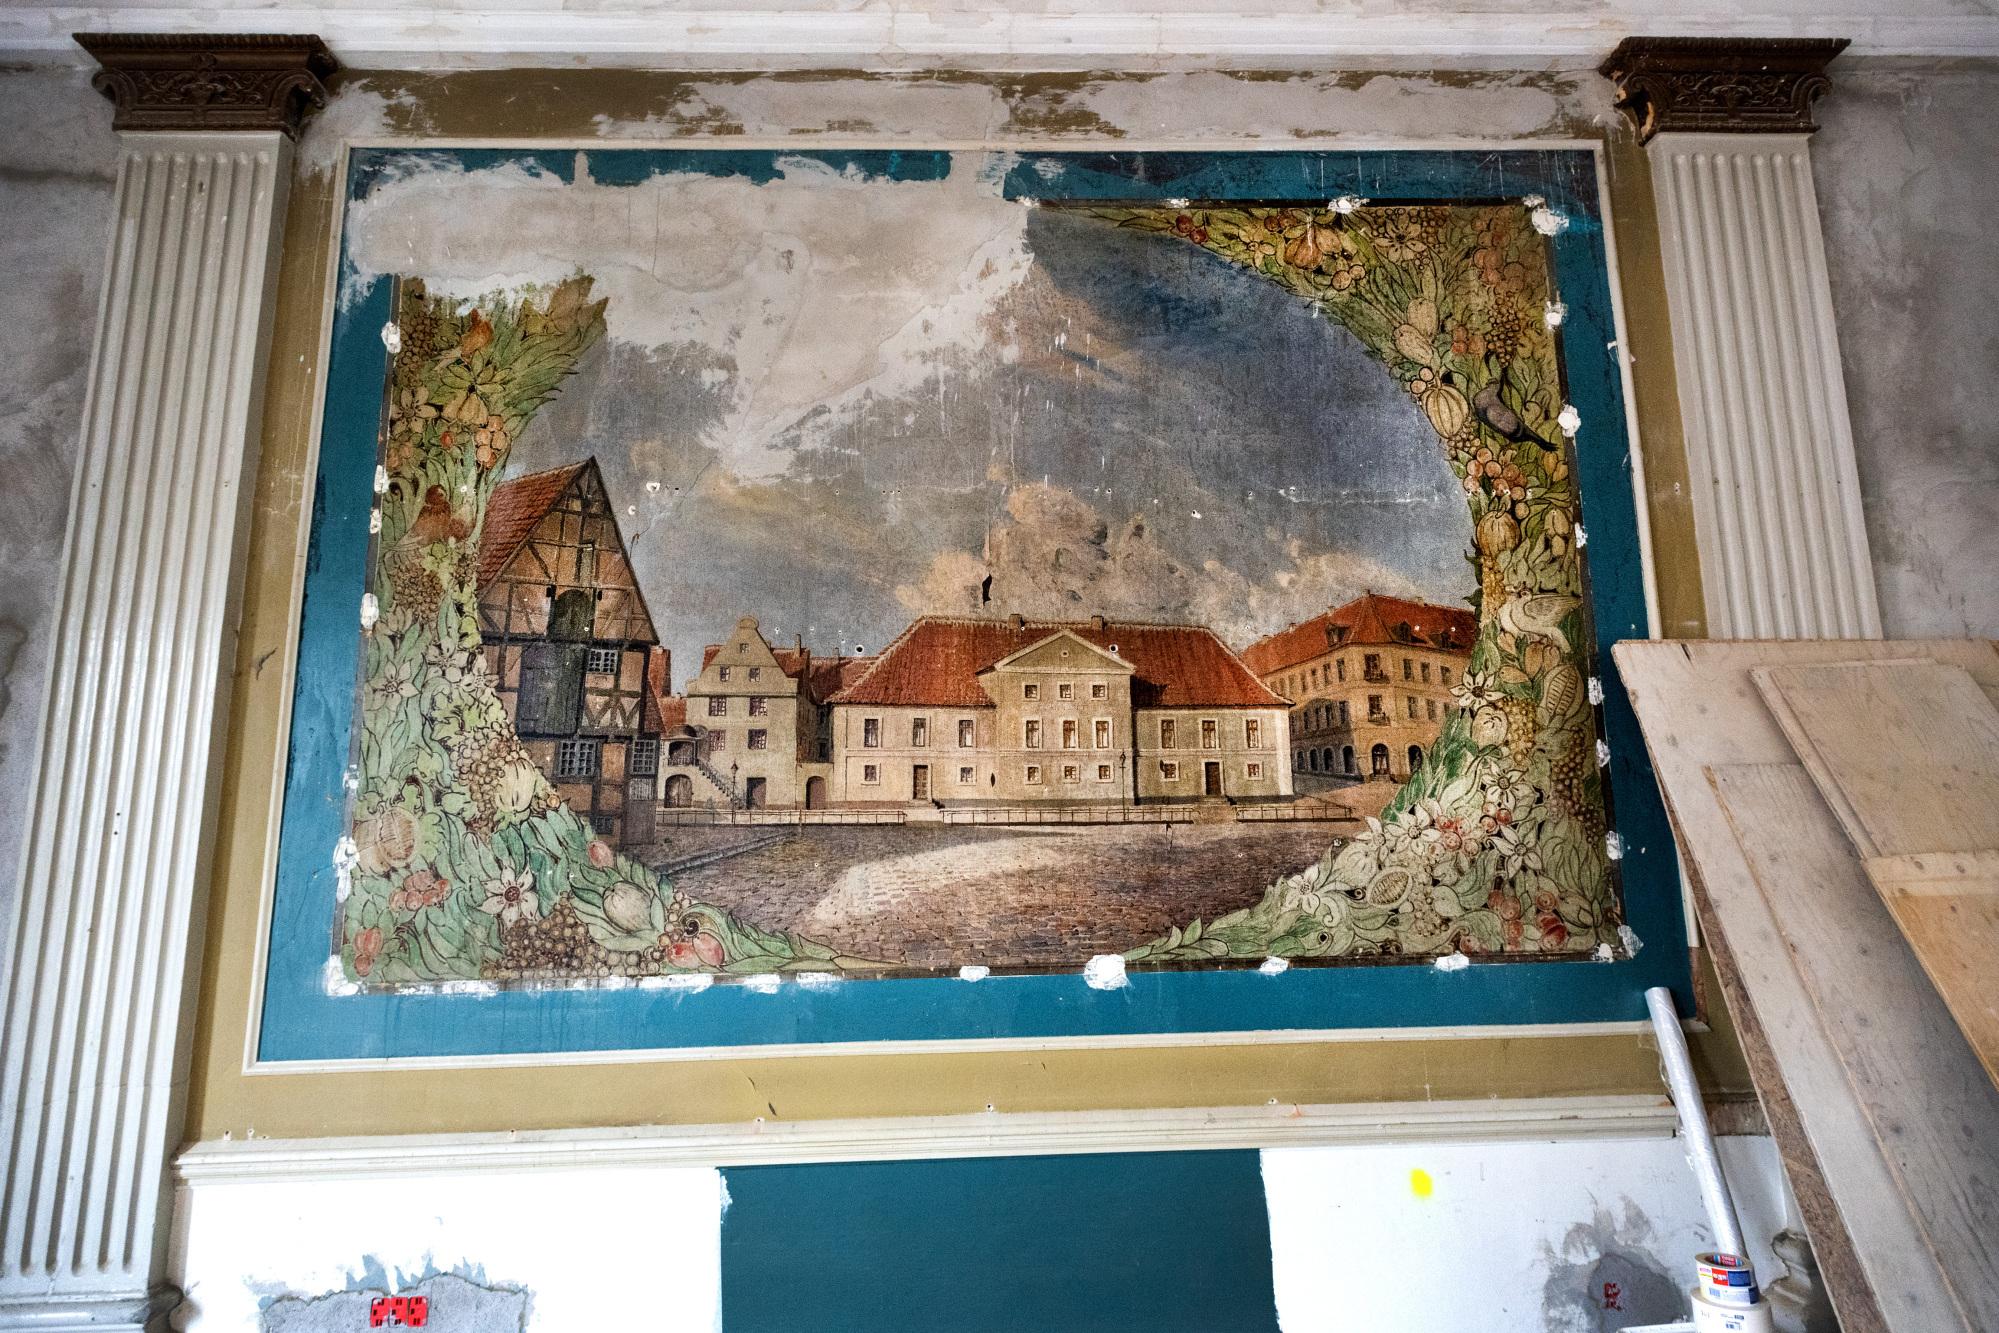 Da håndværkerne fjernede spejle, plader og tapet, dukkede maleriet af Østerågade op. Foto: Torben Hansen